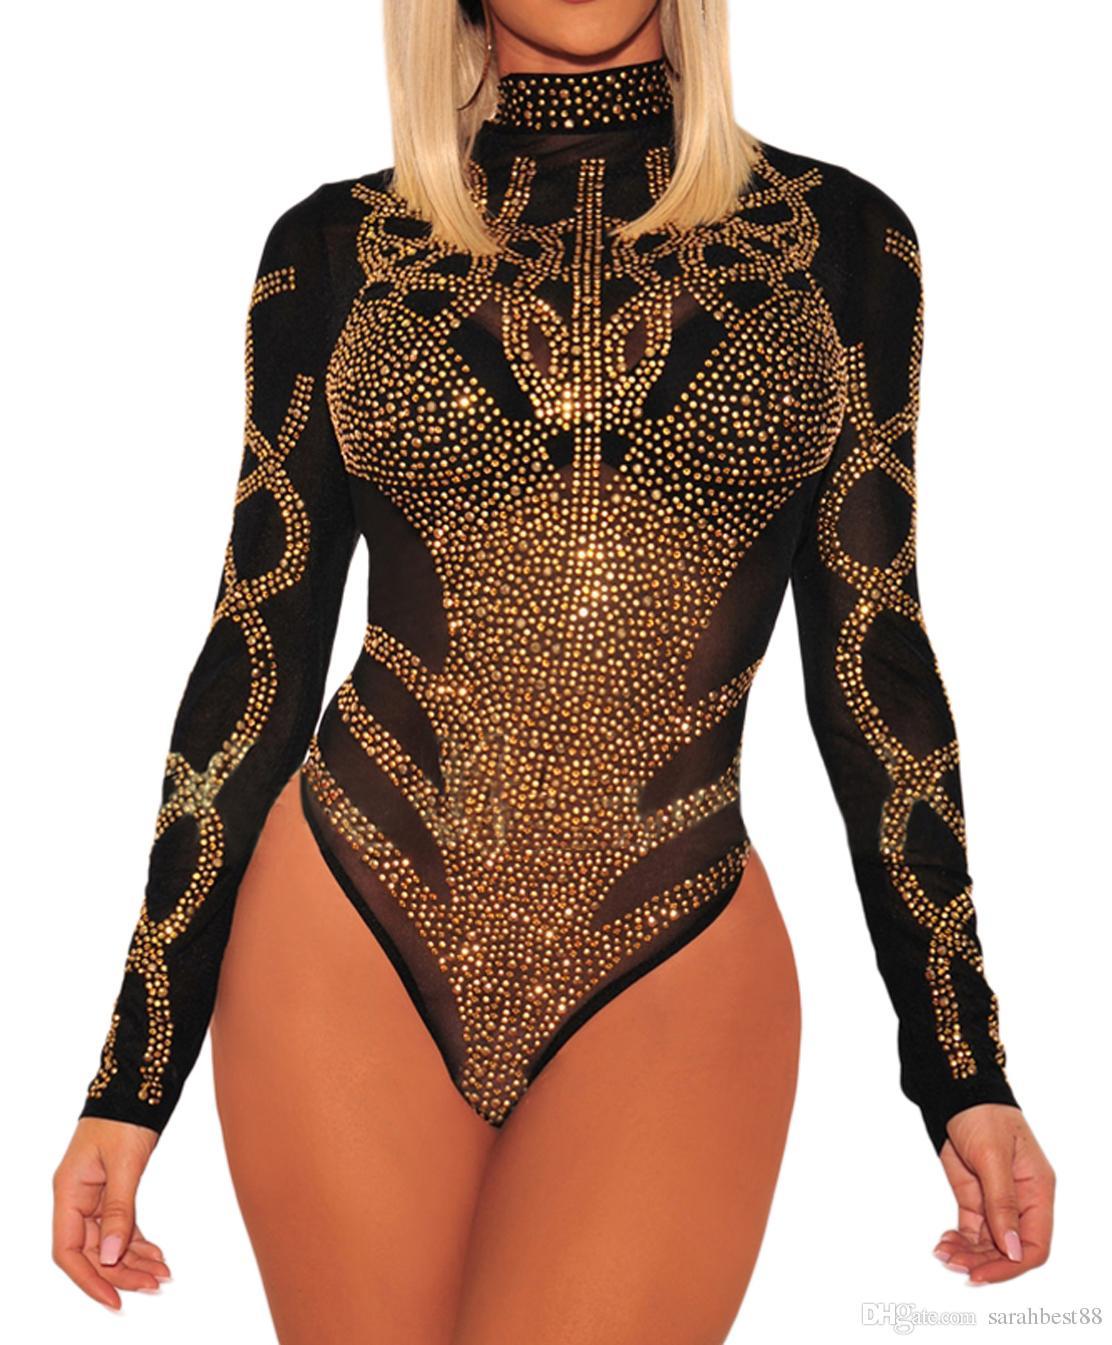 Women Rhinestone Faux Bustier Sheer Mesh Long Sleeves Turtleneck Transparent Party Bodysuit Jumpsuit Underwear Clubwear Bodys with Zipper